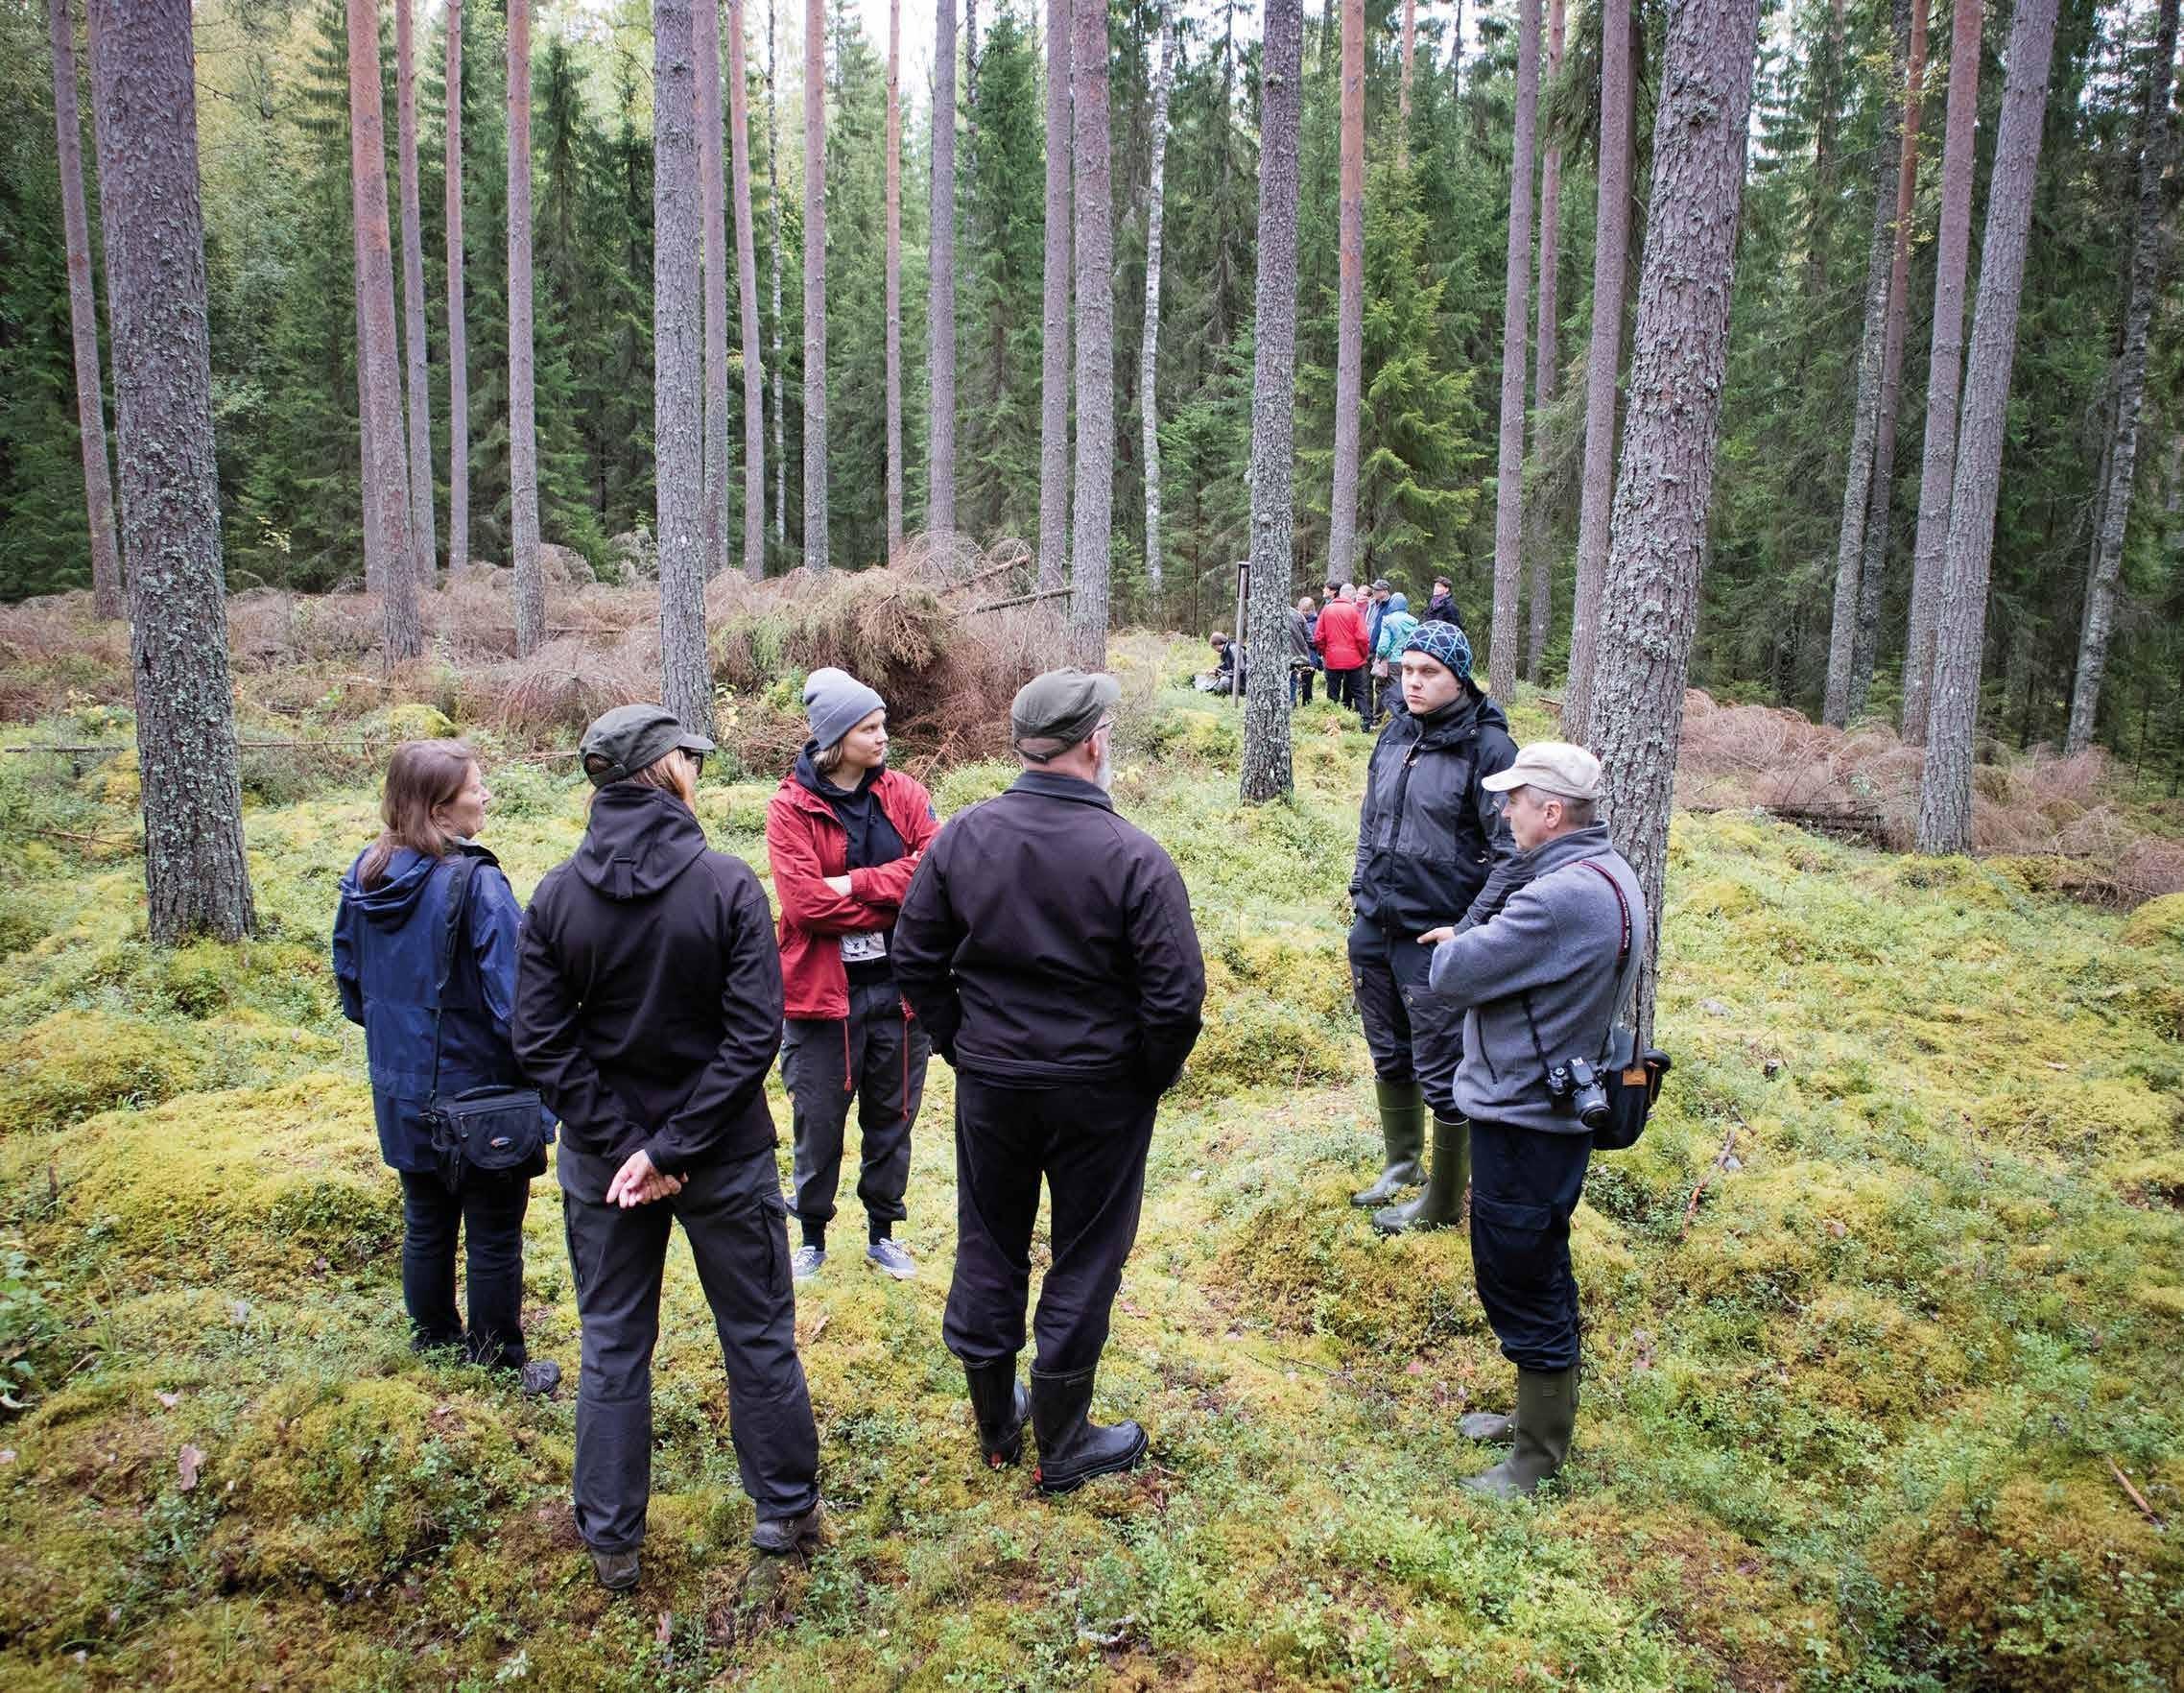 Page 72 of Pekka Virtanen Puheenvuoro: Metsä antaa, mitä metsällä on